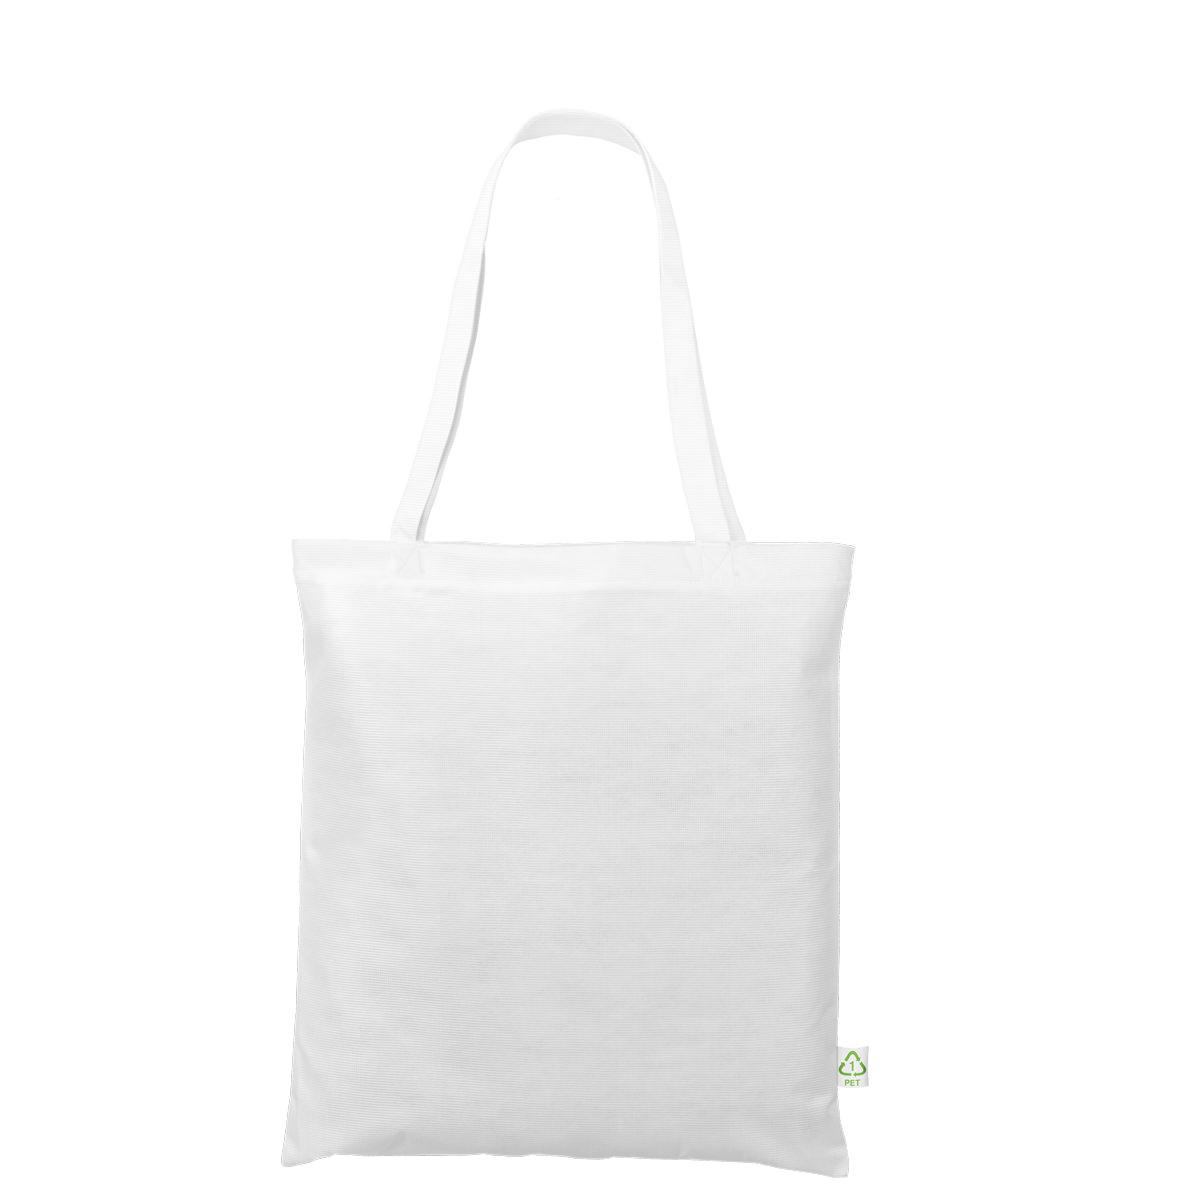 Recycling-Tasche mit zwei langen Henkeln